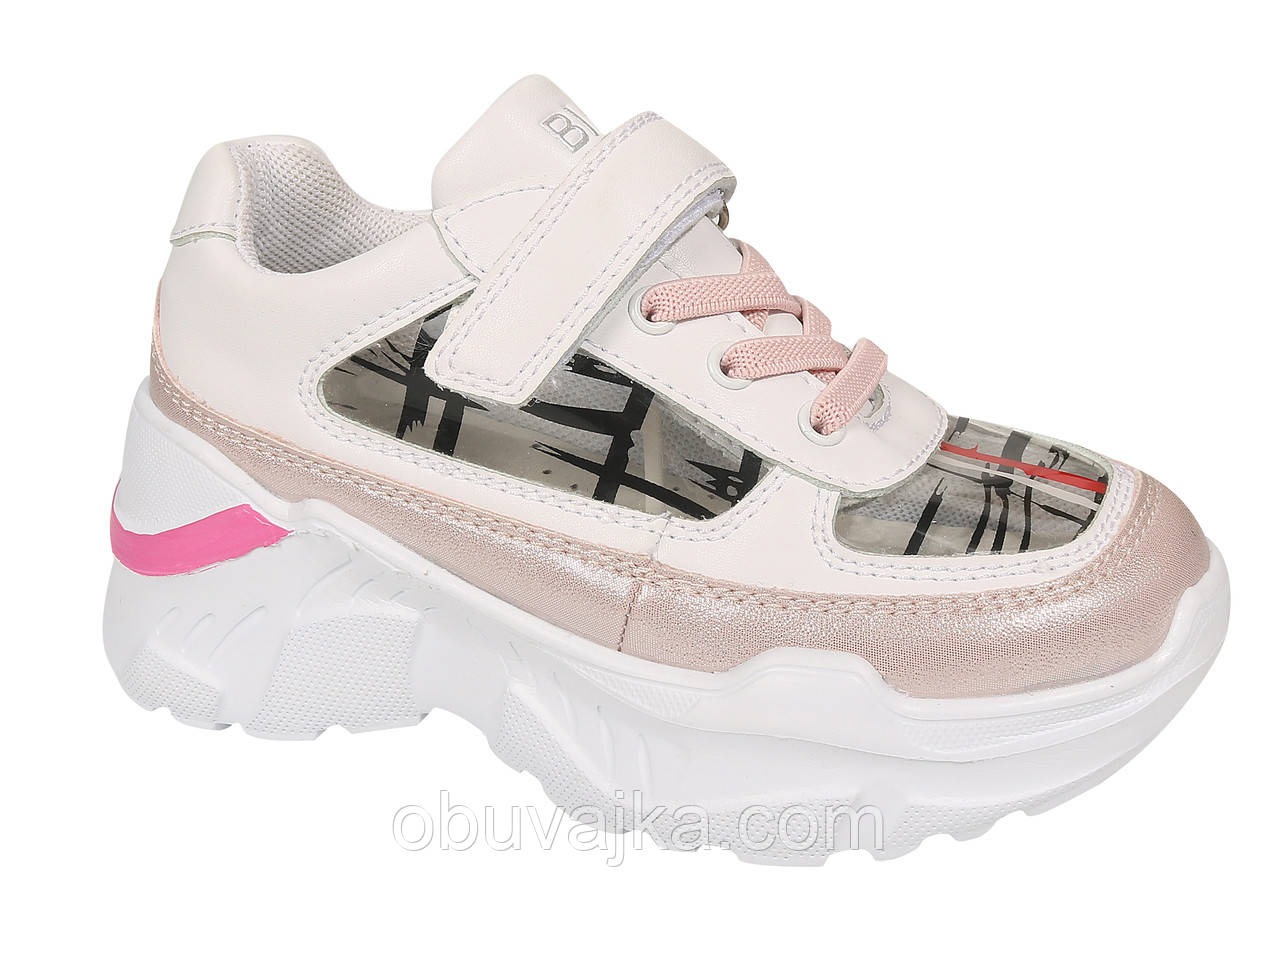 Спортивная обувь Детские кроссовки 2020 оптом в Одессе от фирмы Tom m(28-35)